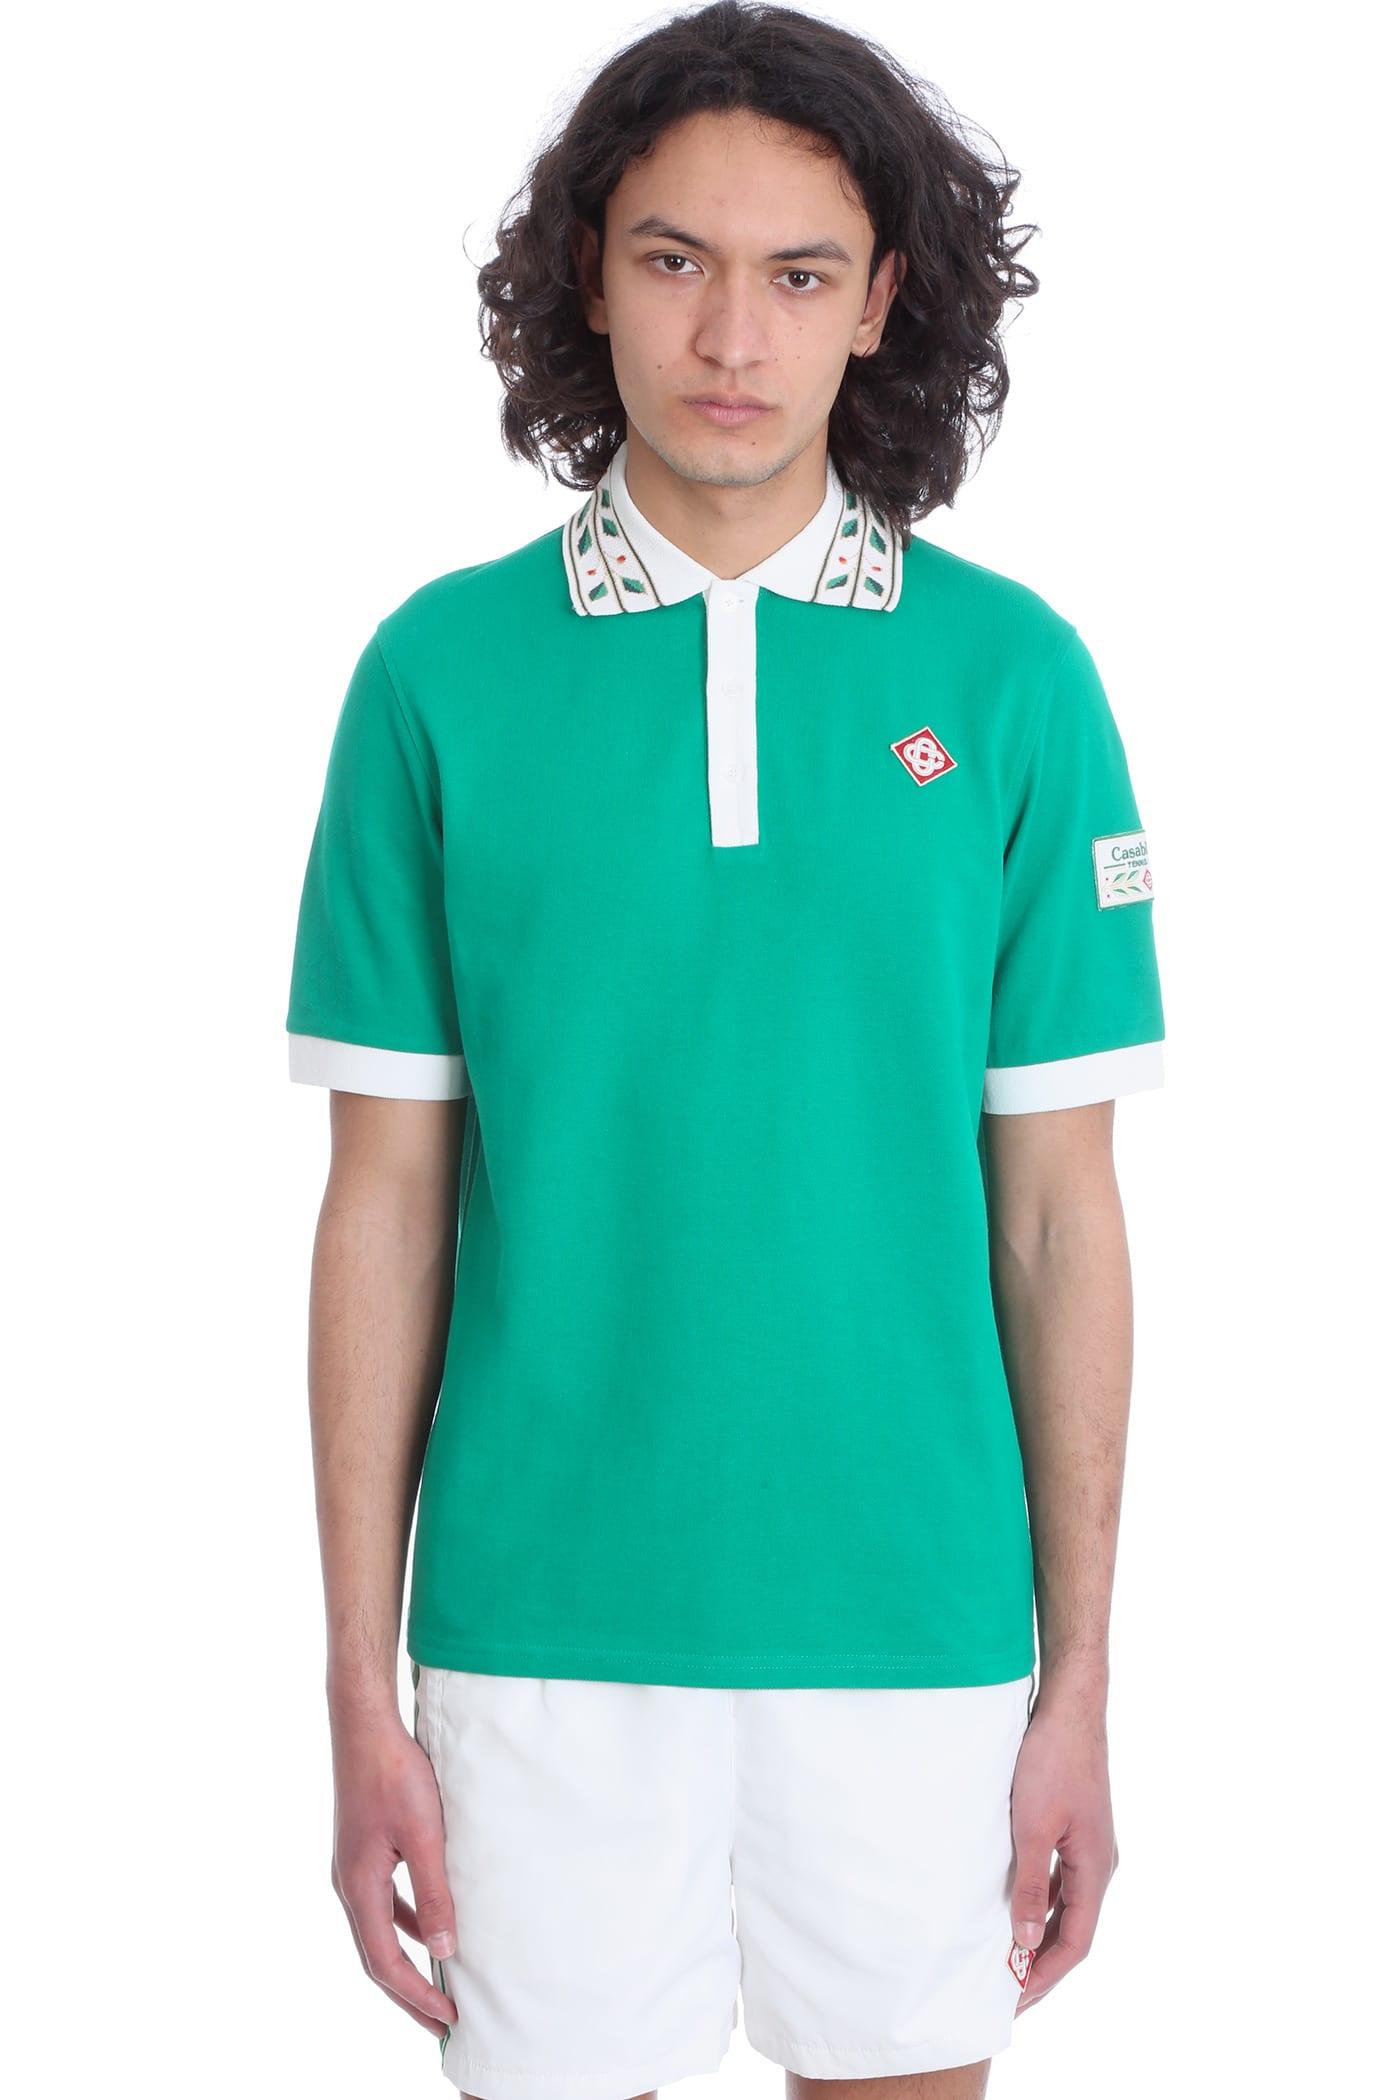 Casablanca Shirts POLO IN GREEN COTTON